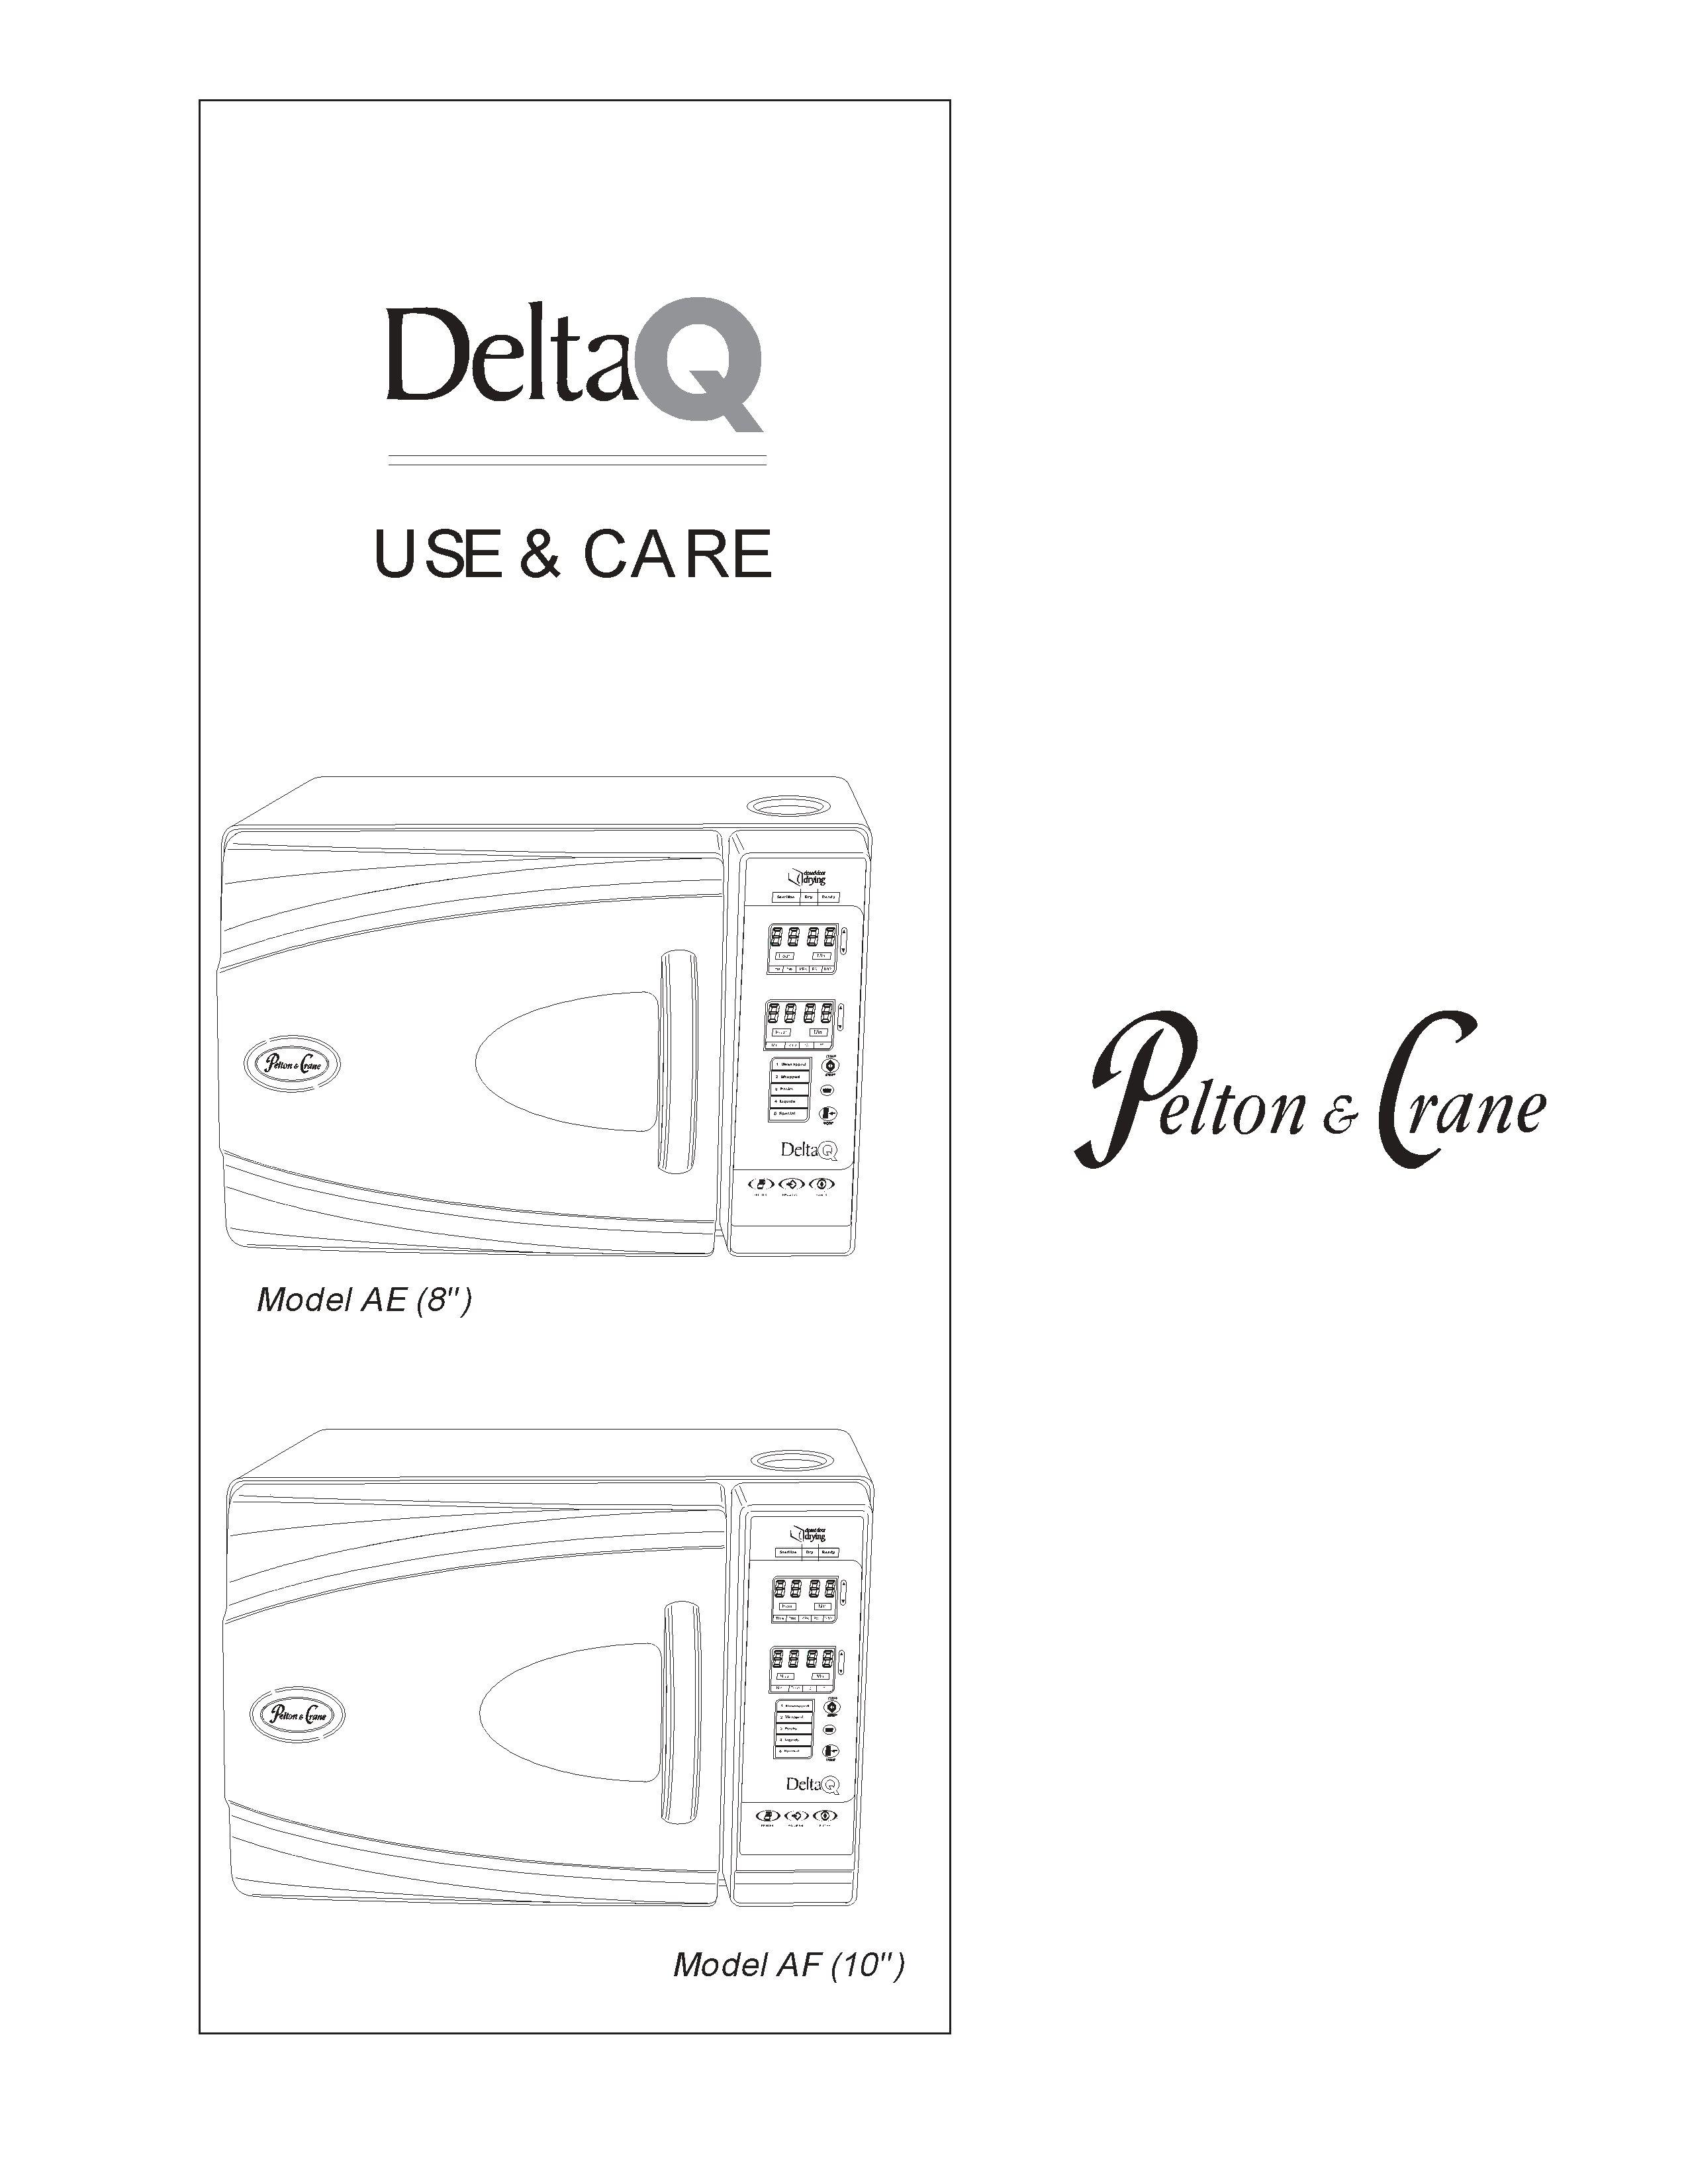 Pelton & Crane Delta Q Service manual